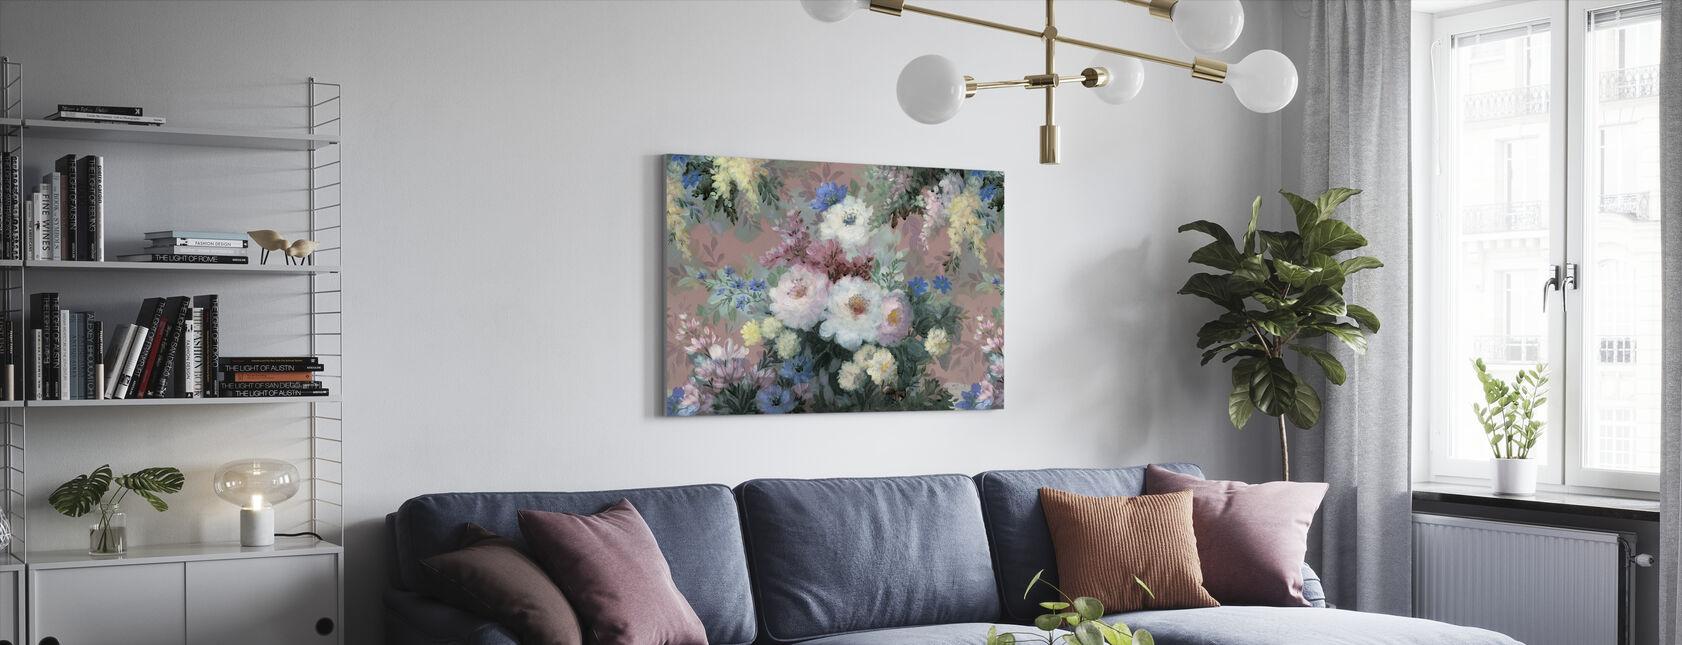 Flourishing Blossom - Canvas print - Living Room